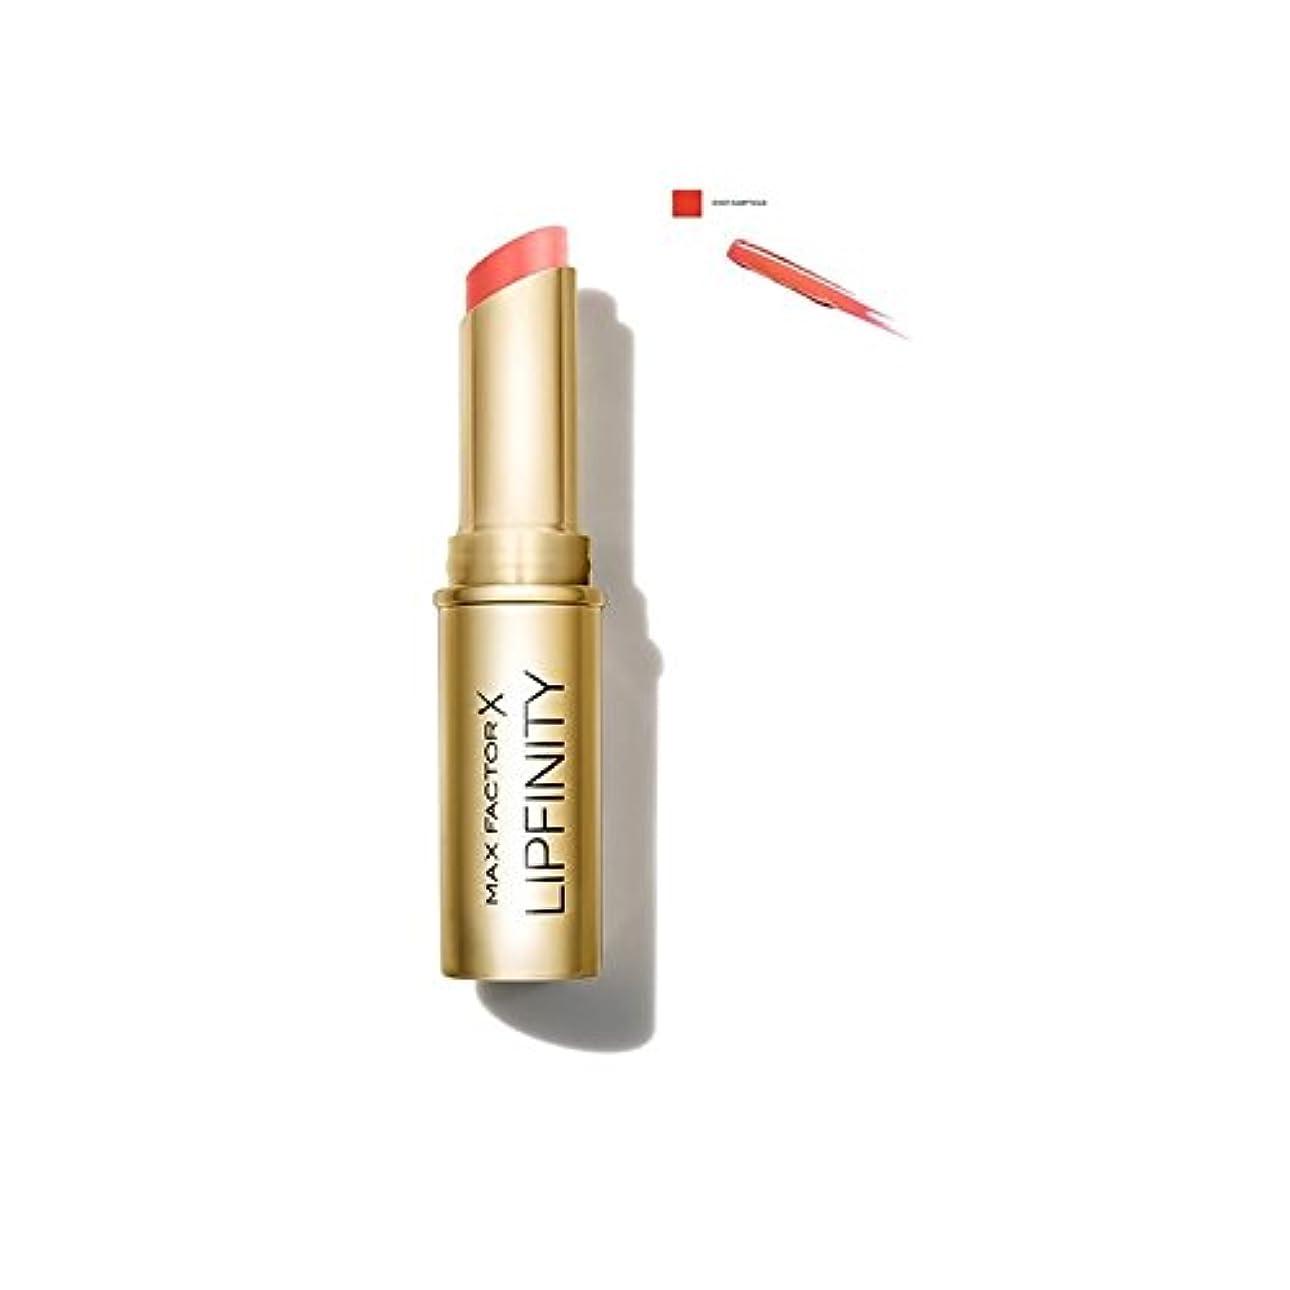 ドームカウント受動的Max Factor Lipfinity Long Lasting Lipstick Ever Sumptuous (Pack of 6) - 長い口紅が今まで豪華な持続マックスファクターの x6 [並行輸入品]